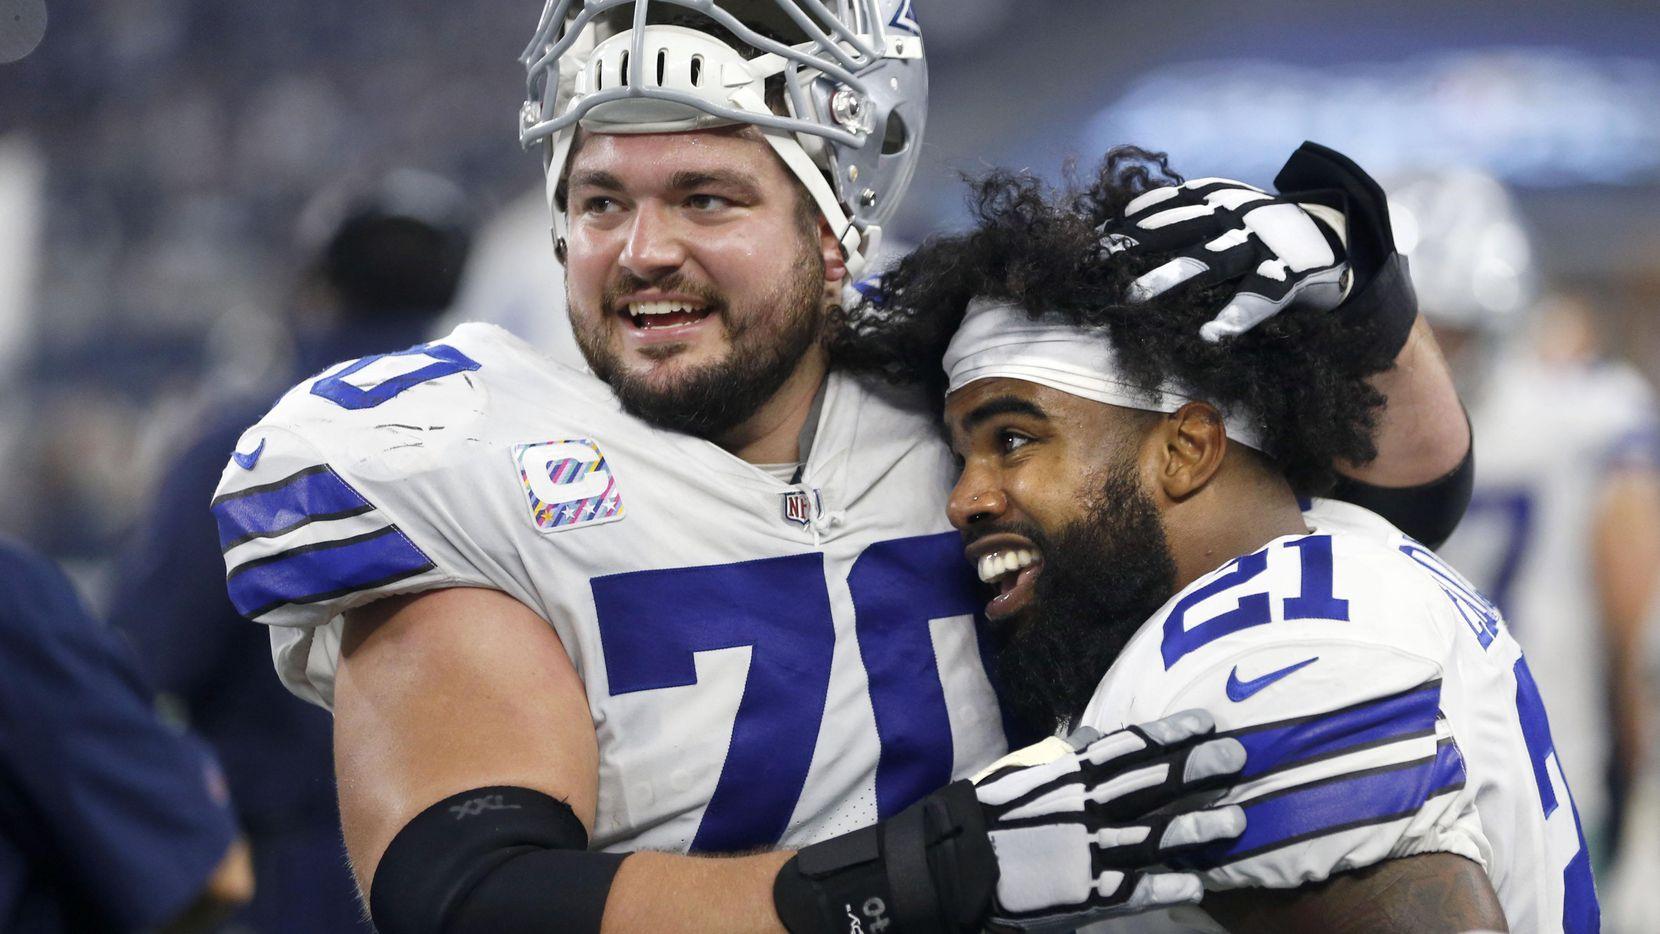 El guardia Zach Martin y el corredor Ezekiel Elliott de los Cowboys de Dallas. (DMN/VERNON BRYANT)